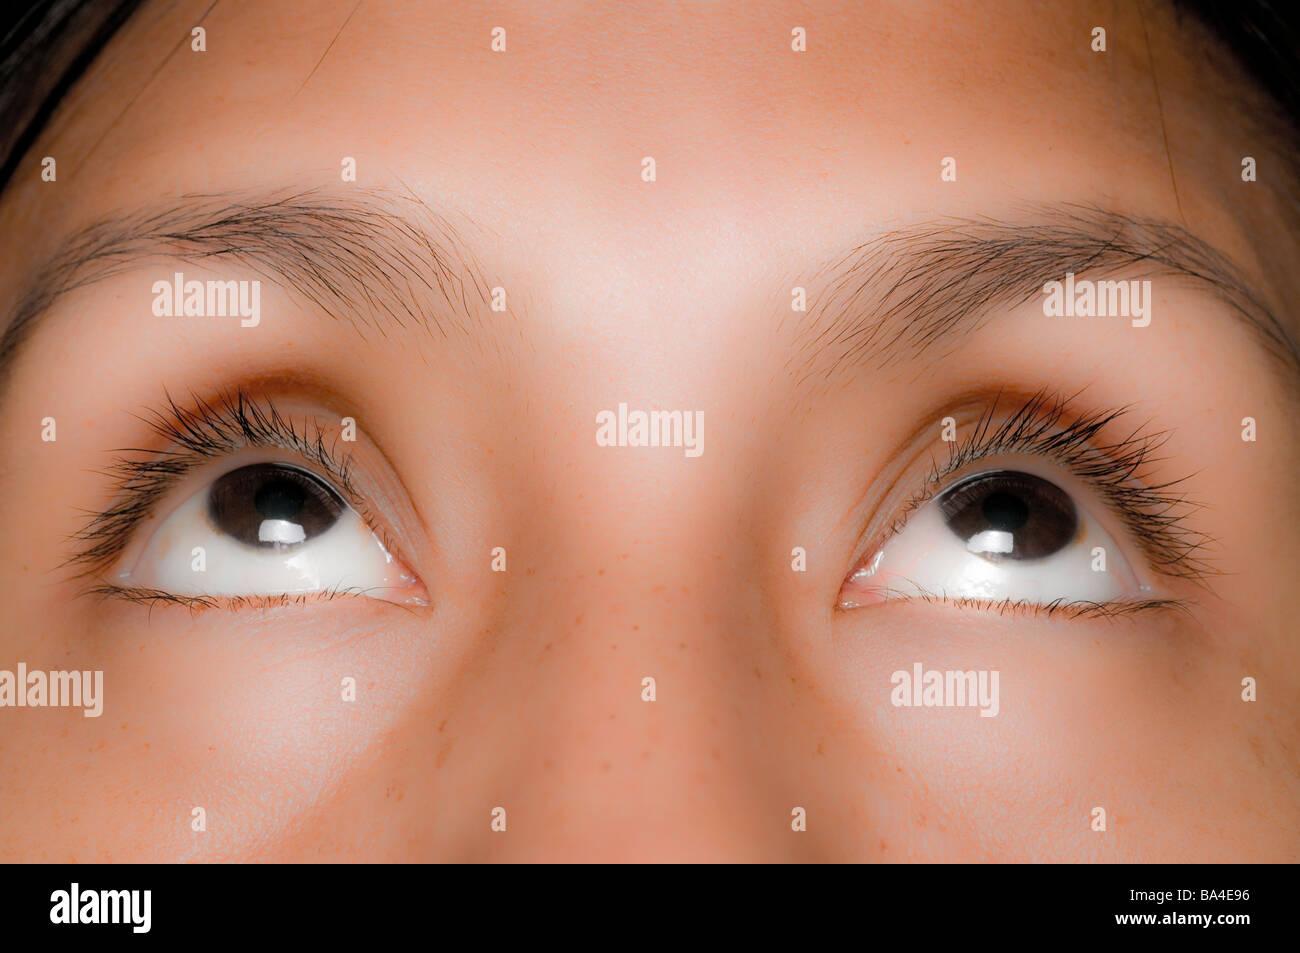 Black or dark brown eyes - Stock Image